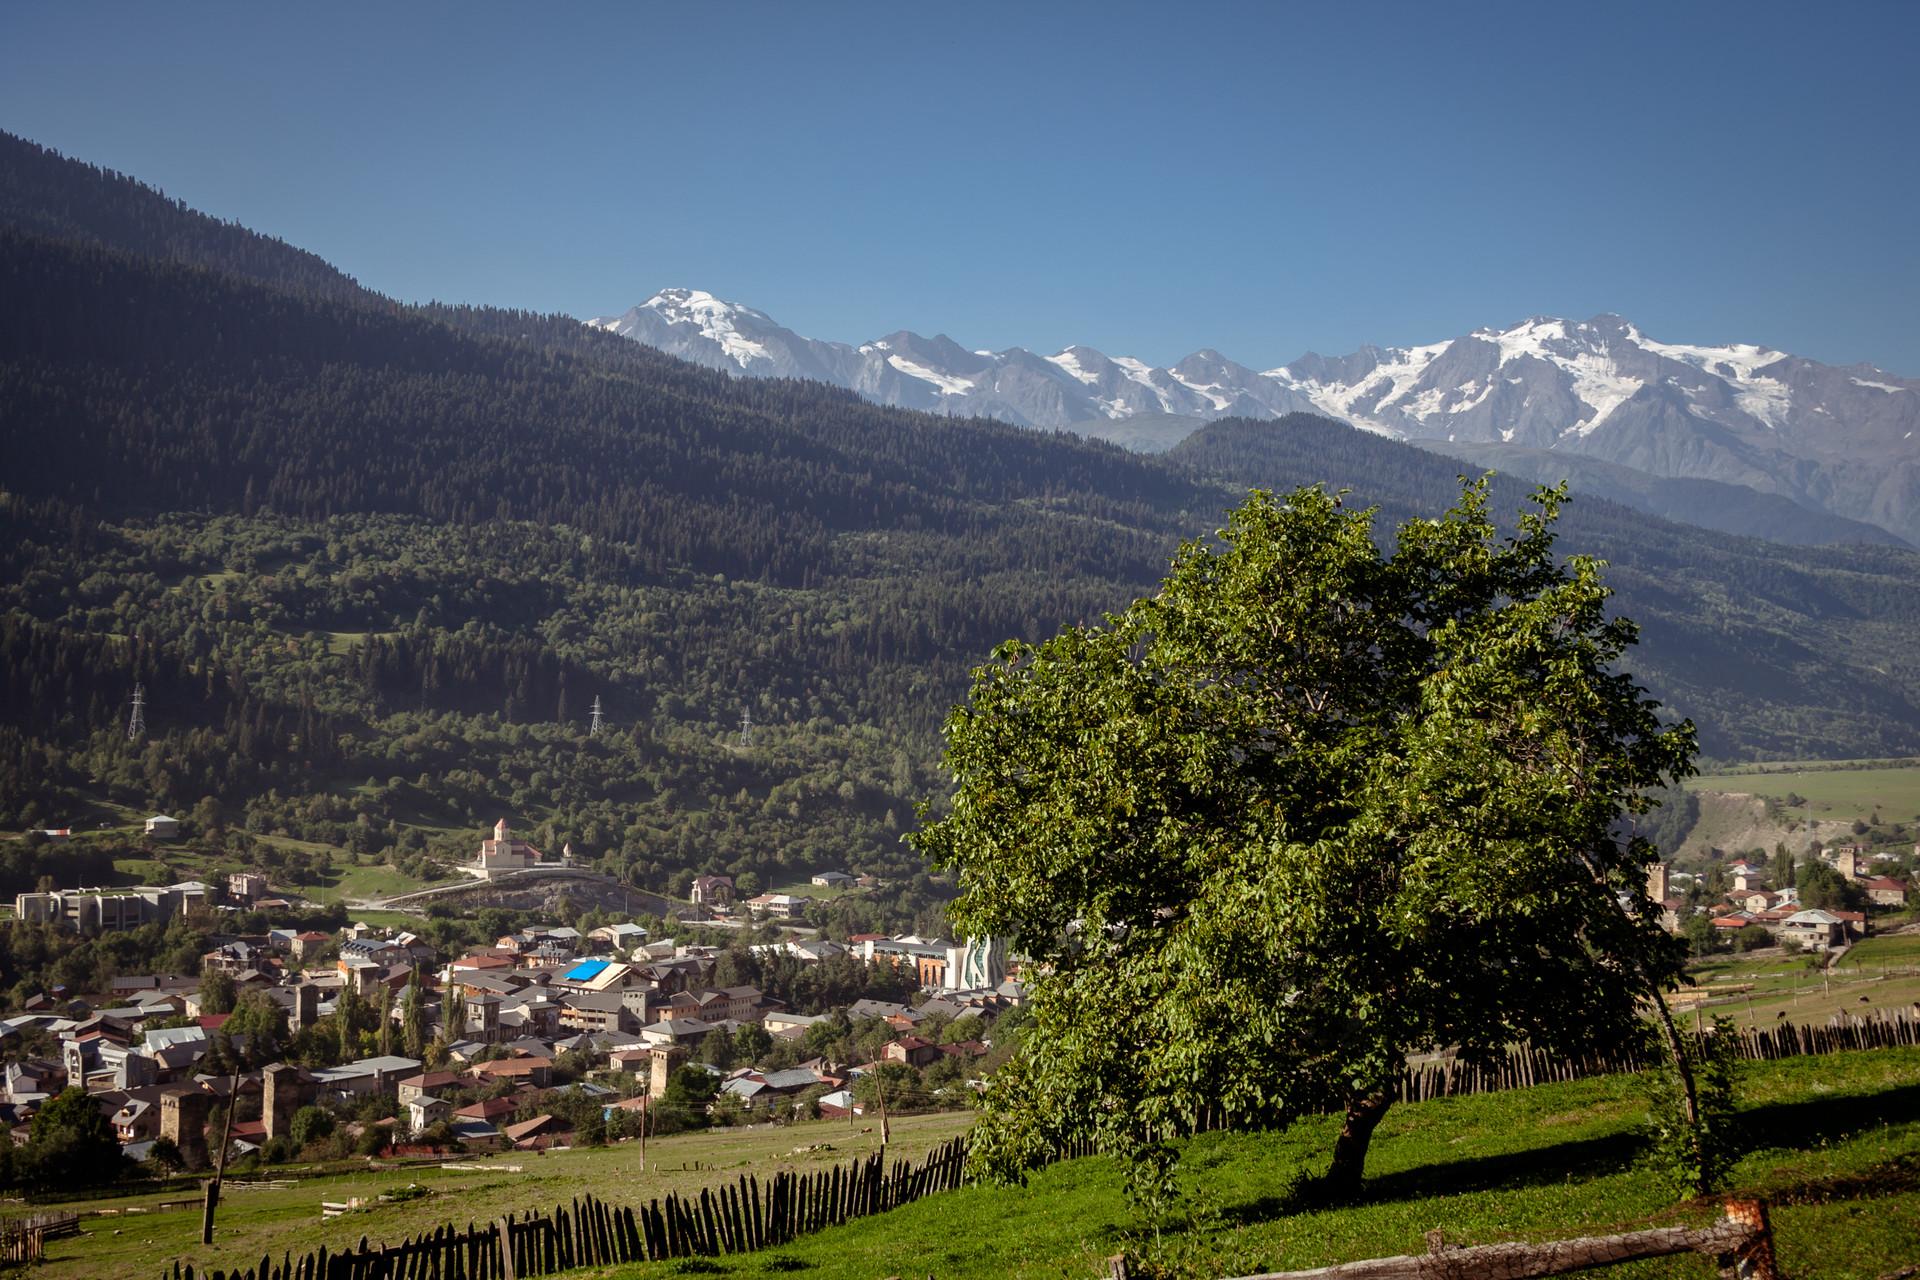 Ammirando le Alpi Georgiane